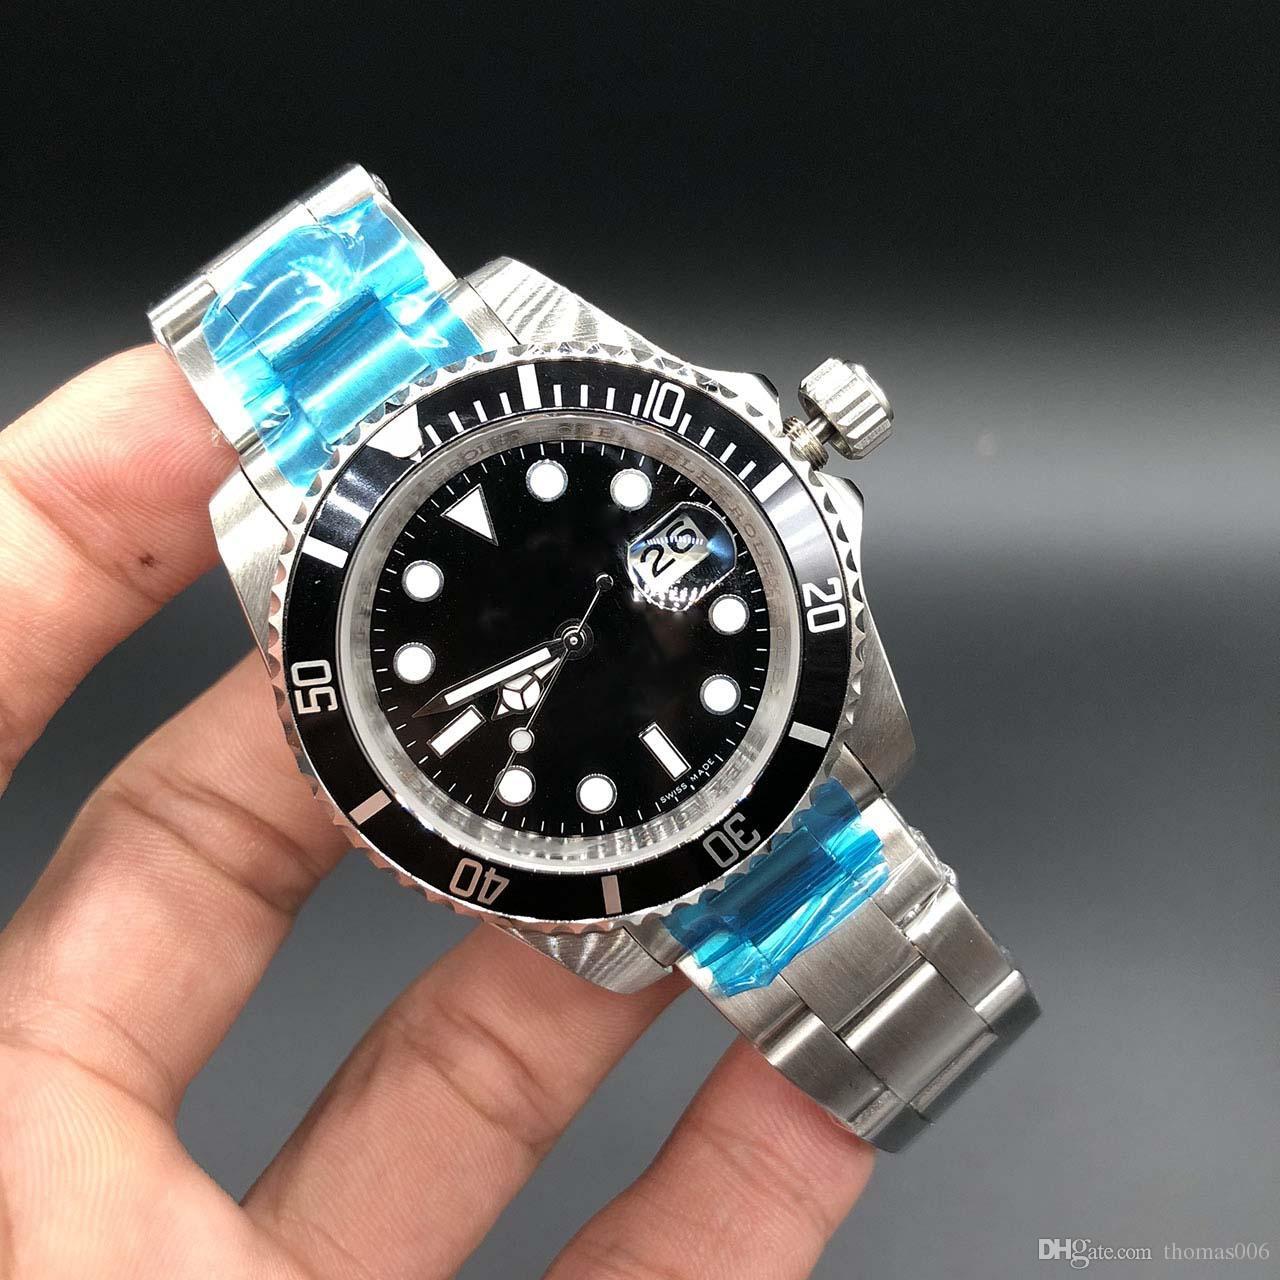 6f689ebadbfe Compre Barato Reloj De Lujo Al Por Mayor Modelo Antiguo 16610 Hombres  Automático AAA Zafiro Correa Original Inoxidable Dial Negro Relojes Para  Hombre Reloj ...